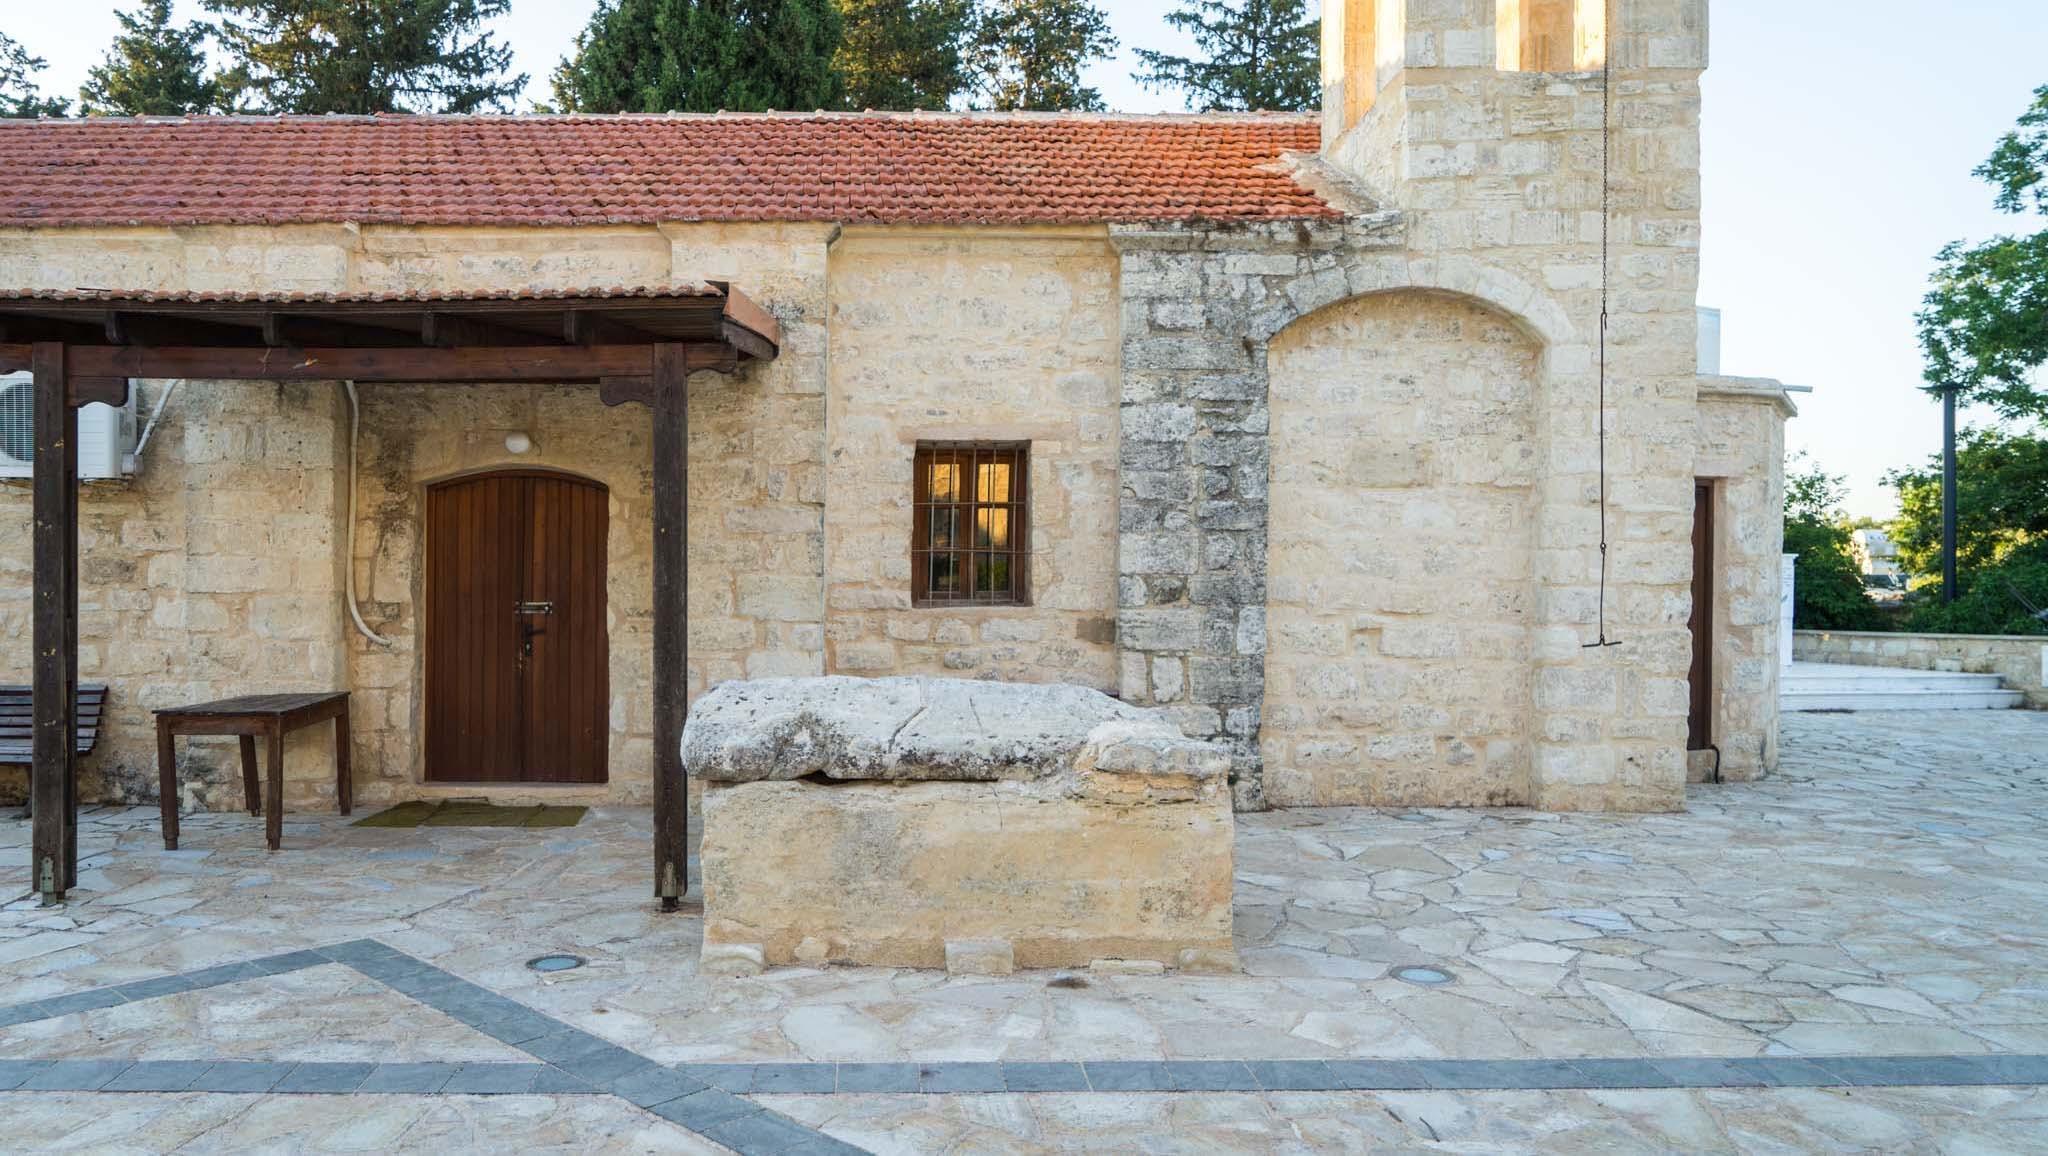 Côté nord de l'église St Kelandion, datant du 18ème siècle, se trouve le grand sarcophage en pierre de Saint Agapiticos, alors que son compagnon Saint Misiticos repose côté sud. © Michael Turtle